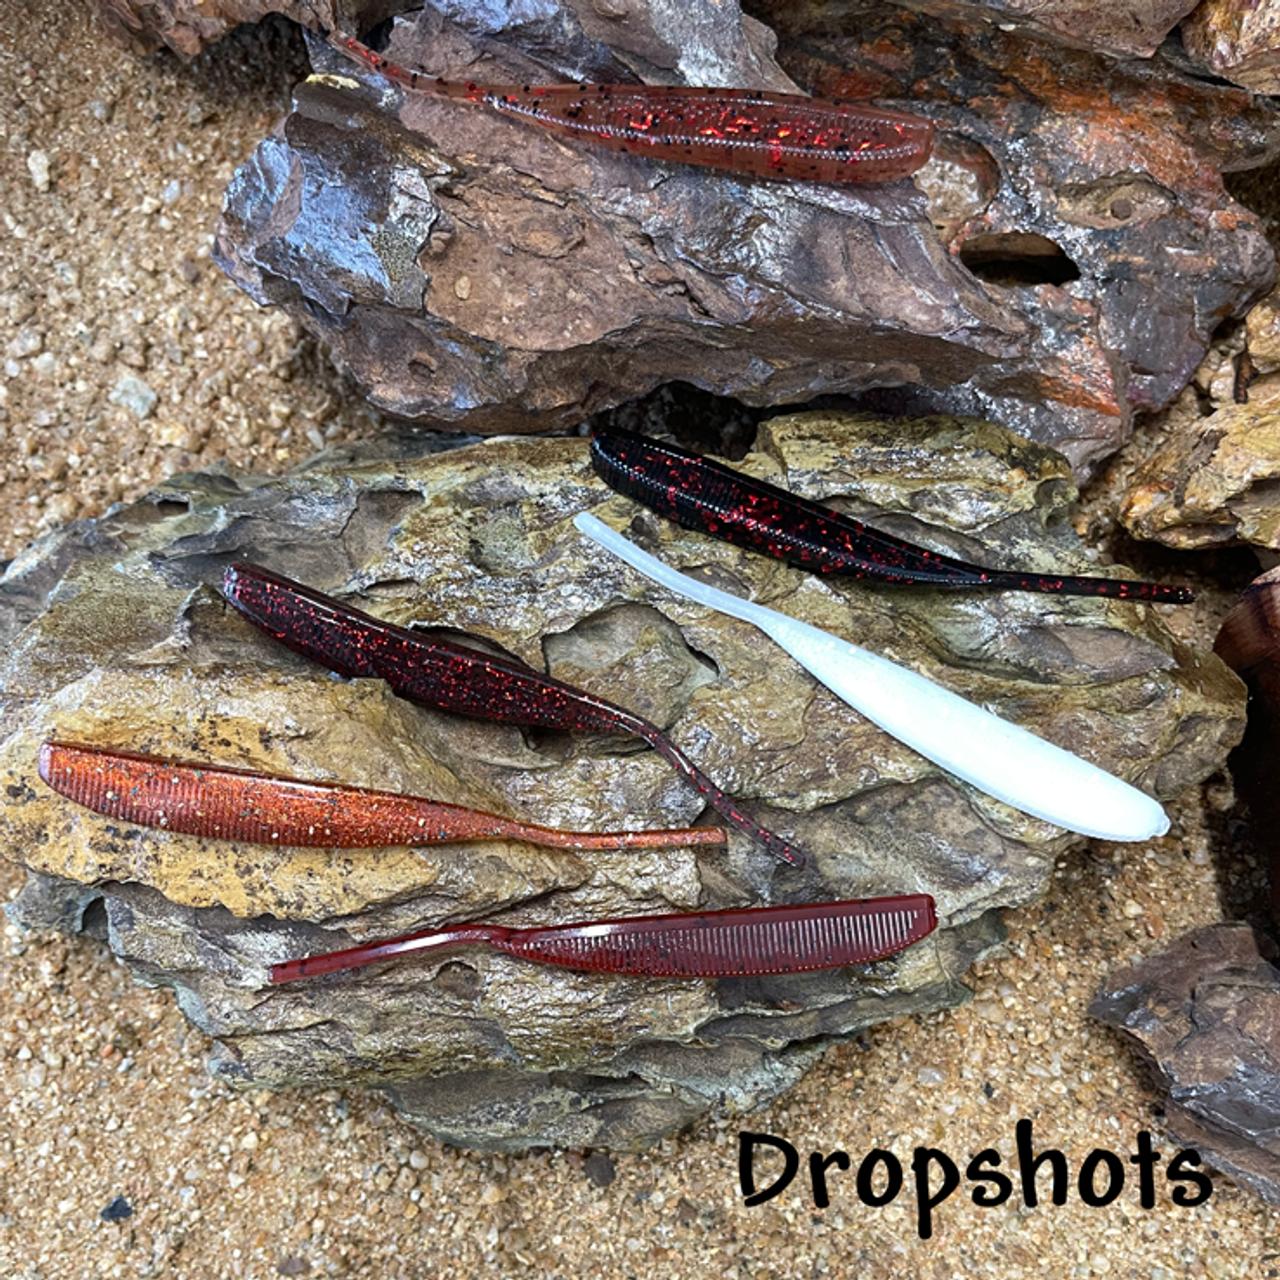 Dropshots